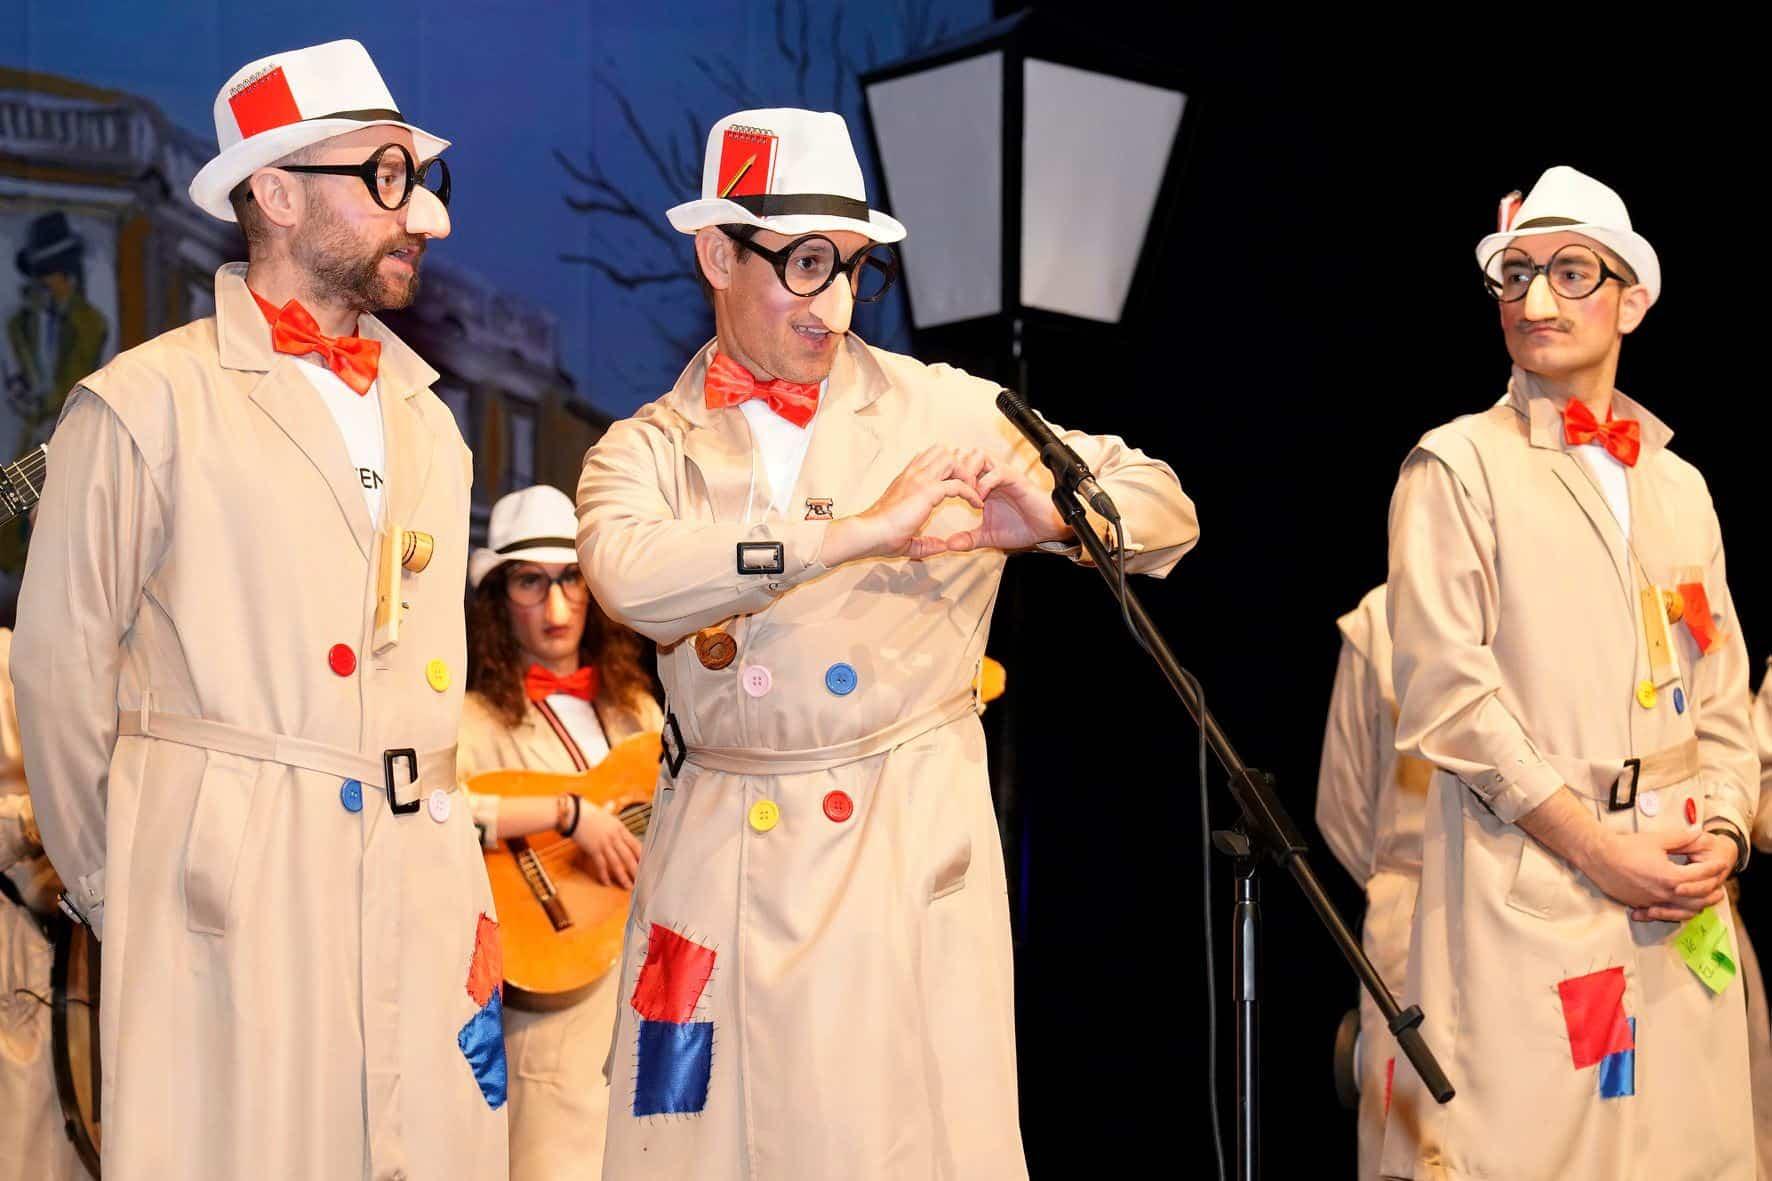 """carnaval herencia 2020 los pelendengues 8 - Los Pelendengues abren el Carnaval de Herencia 2020 e invitan a """"La Kanalla"""""""